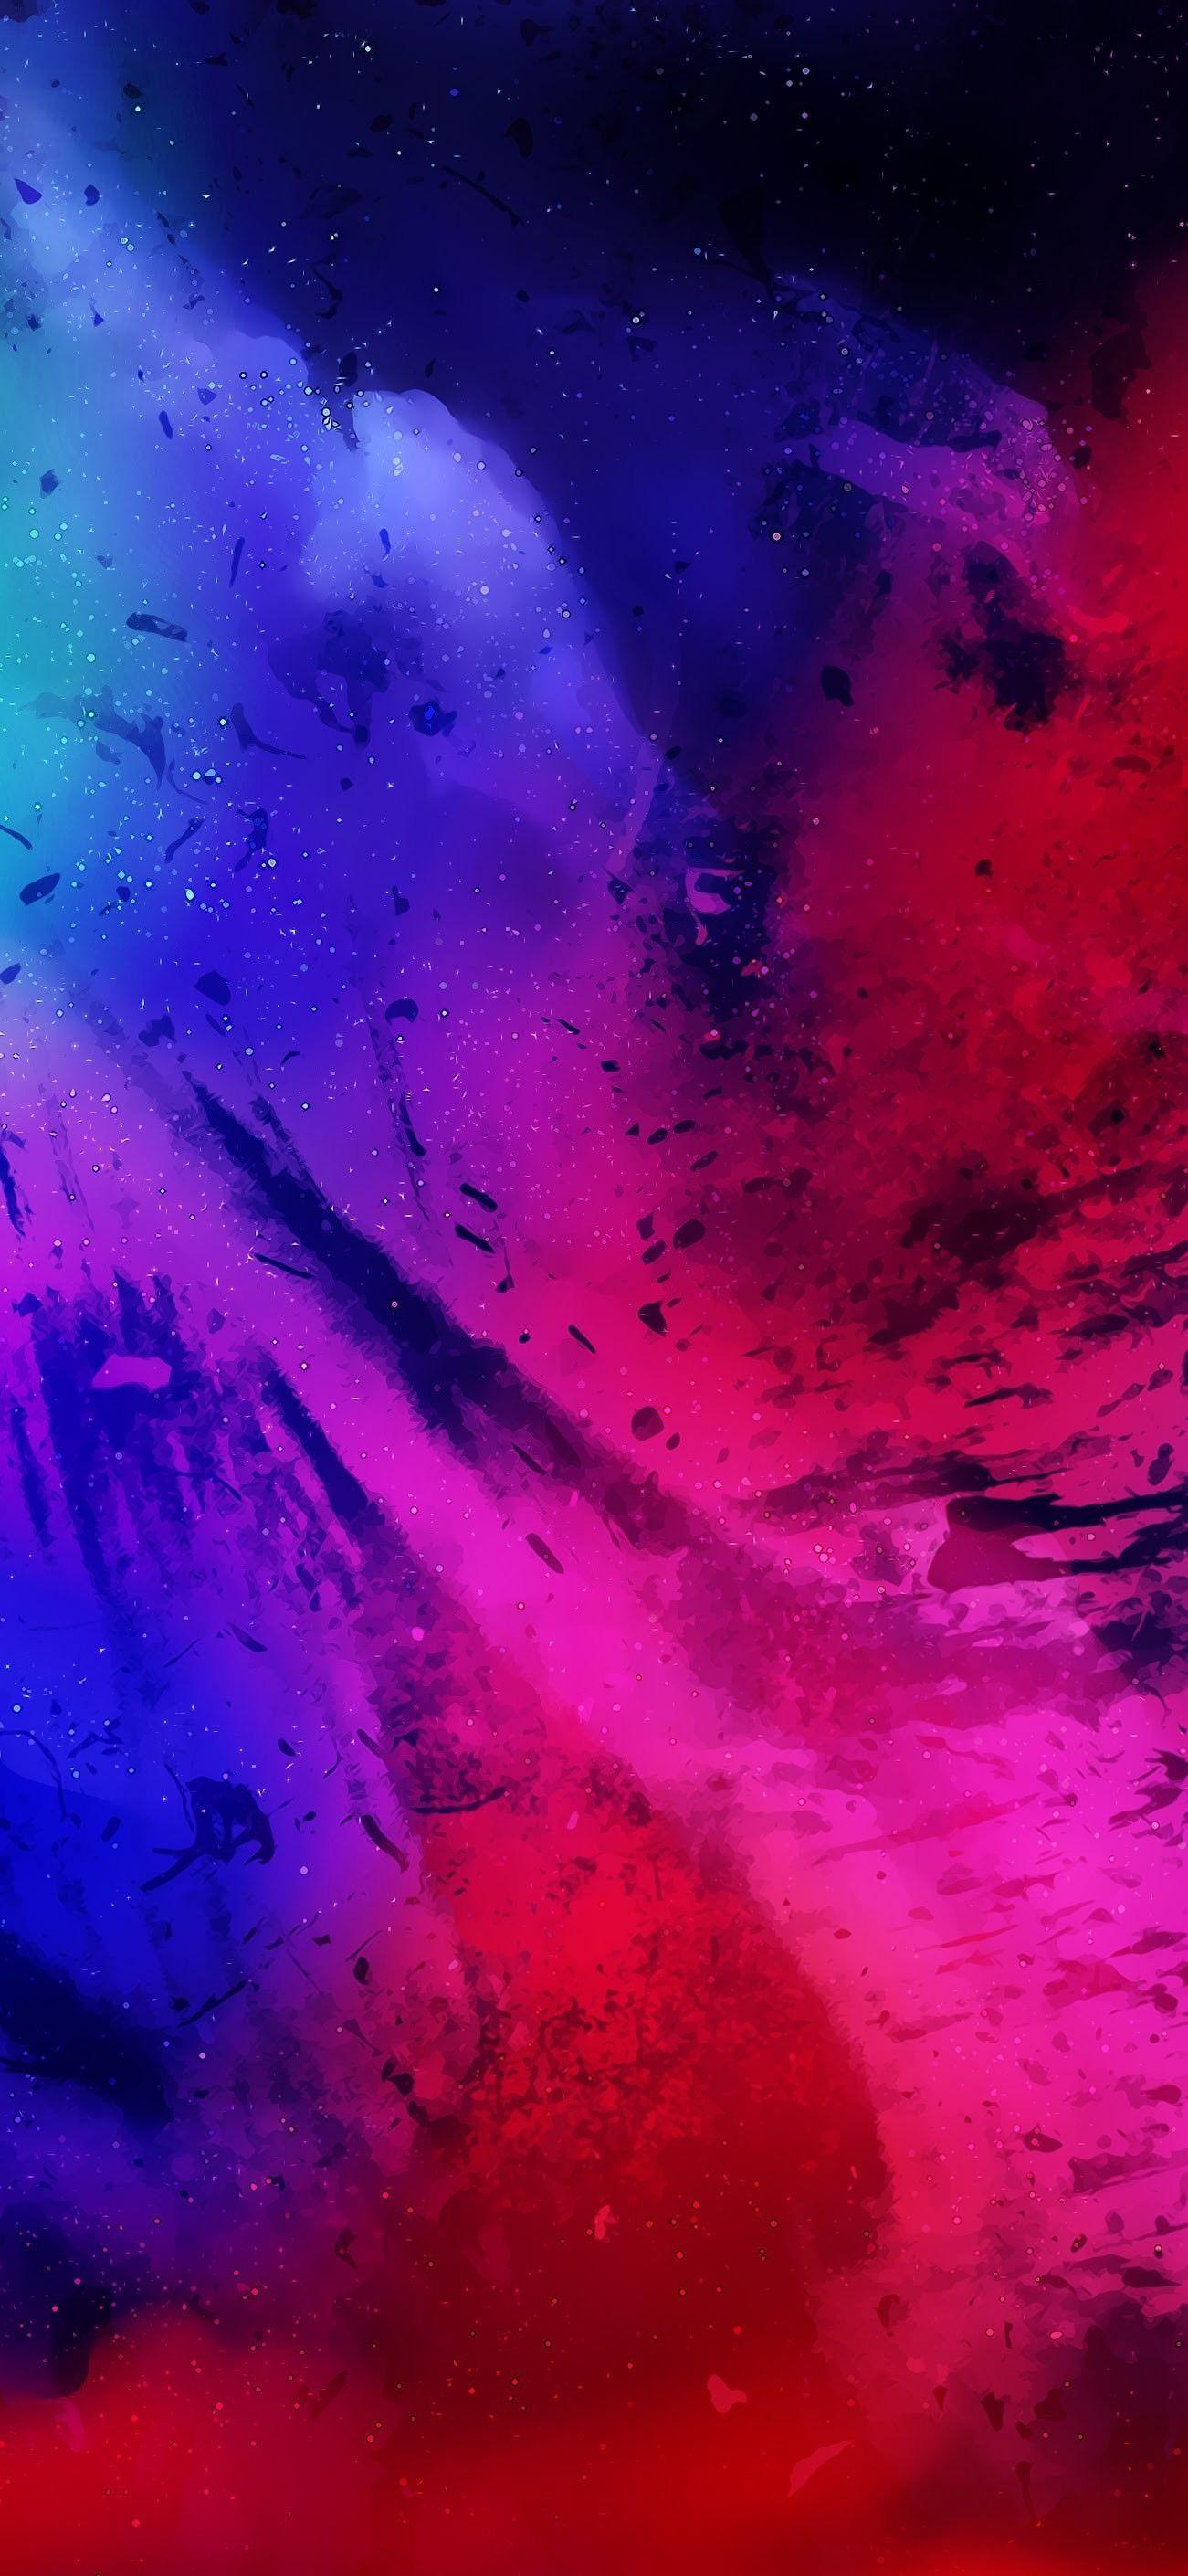 Dunkelblaue Ios 12 Hintergrundfarbe 1580 3144 I Redd It Eingereicht Von Yevan Pinbest Hintergrund Farbe Tapete Rot Apple Hintergrund Iphone